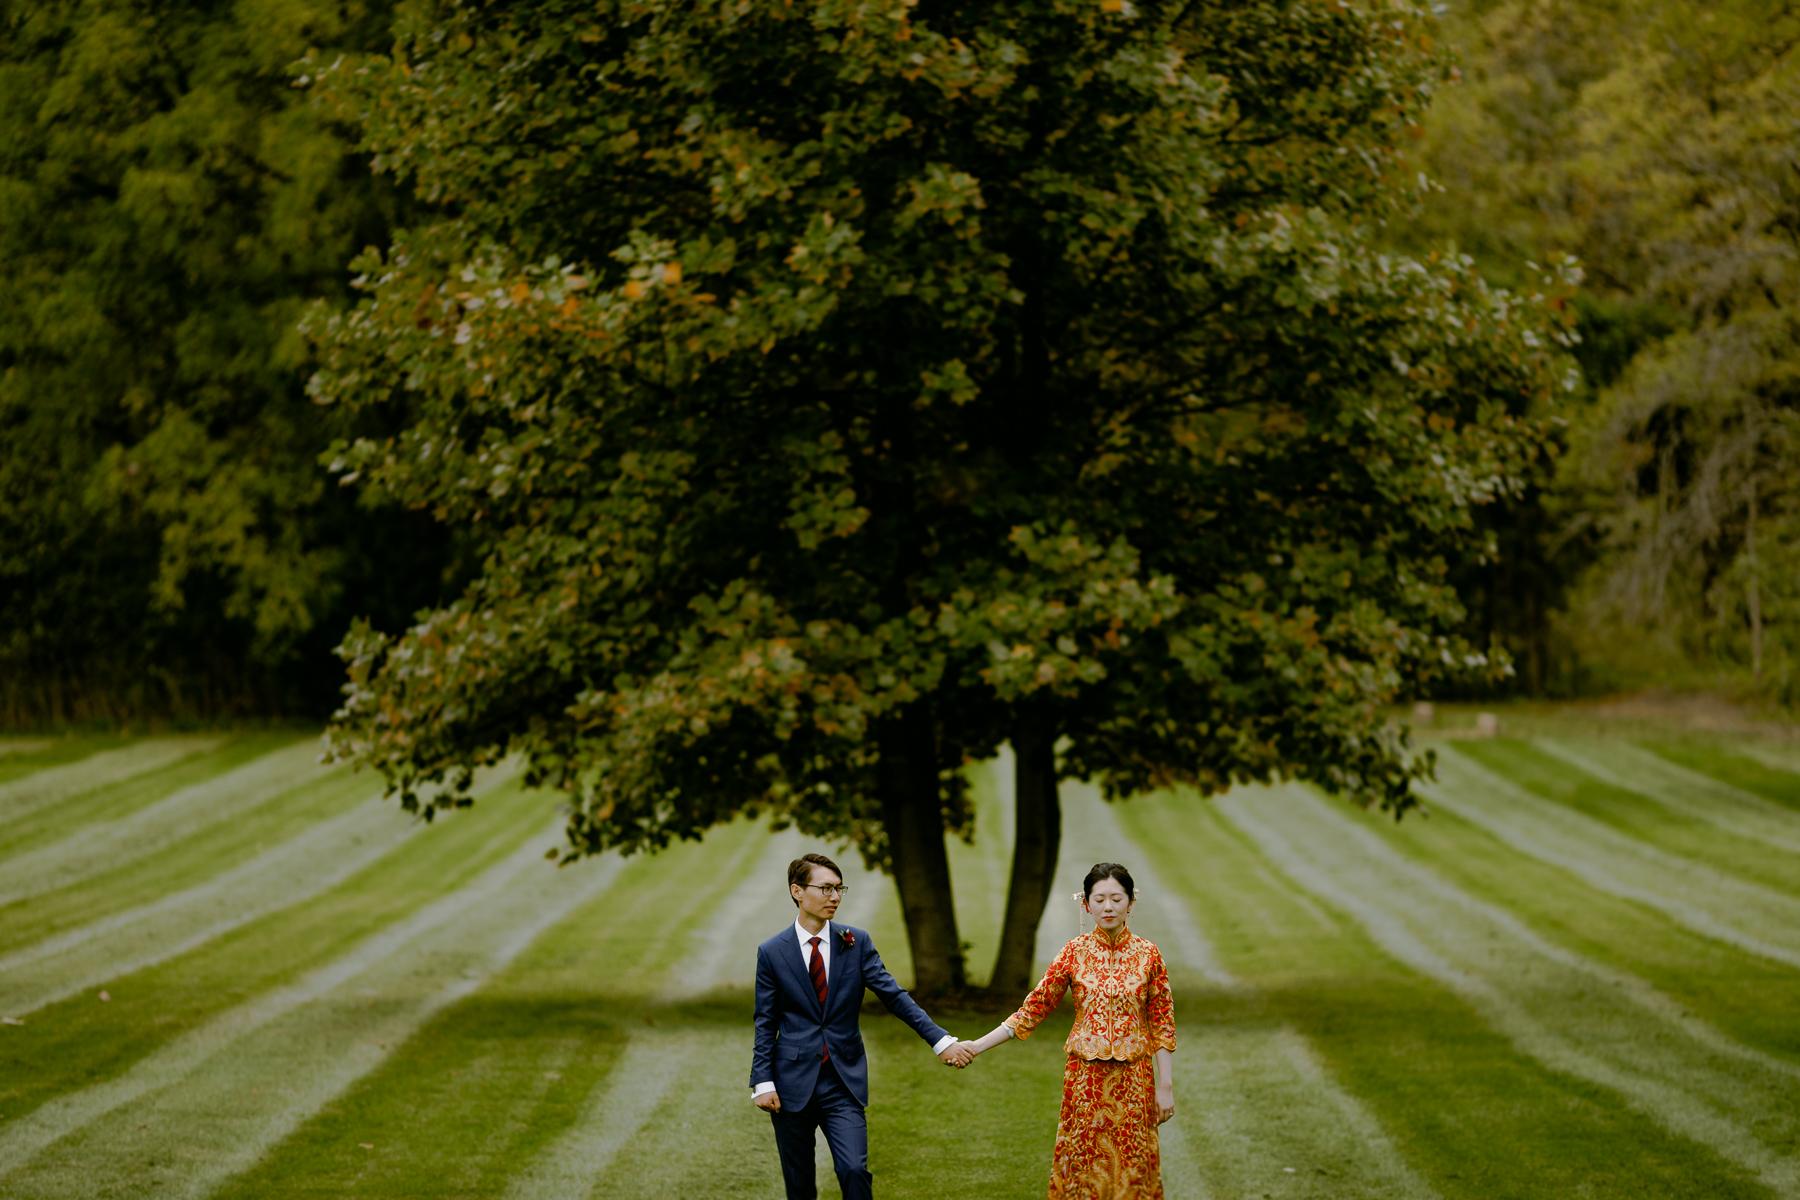 langdon-hall-wedding-markham-chinese-wedding-photographer 0012.jpg